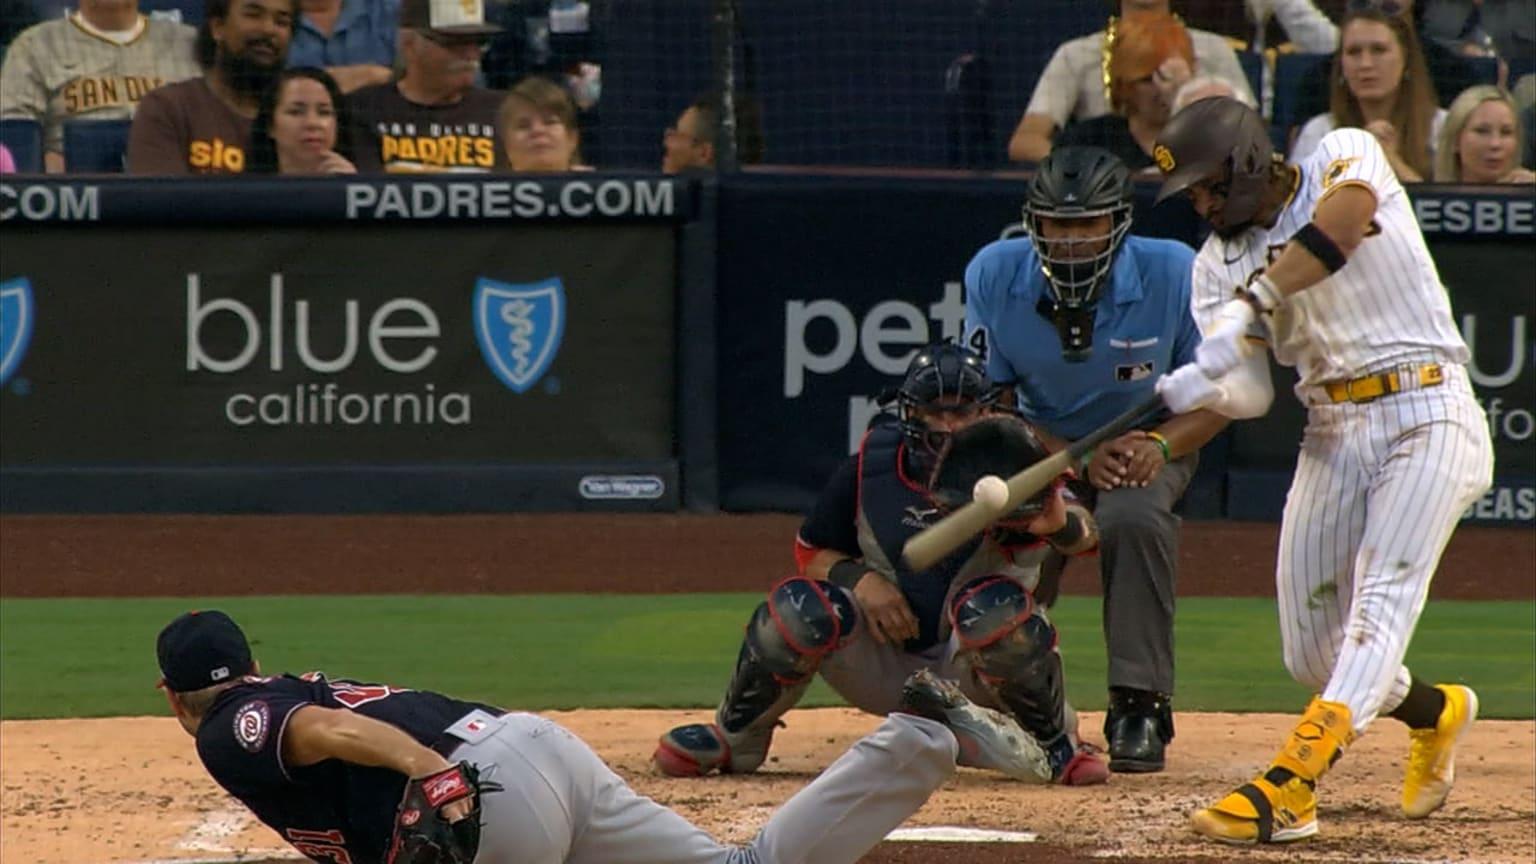 Un jugador de béisbol con espectadores  Descripción generada automáticamente